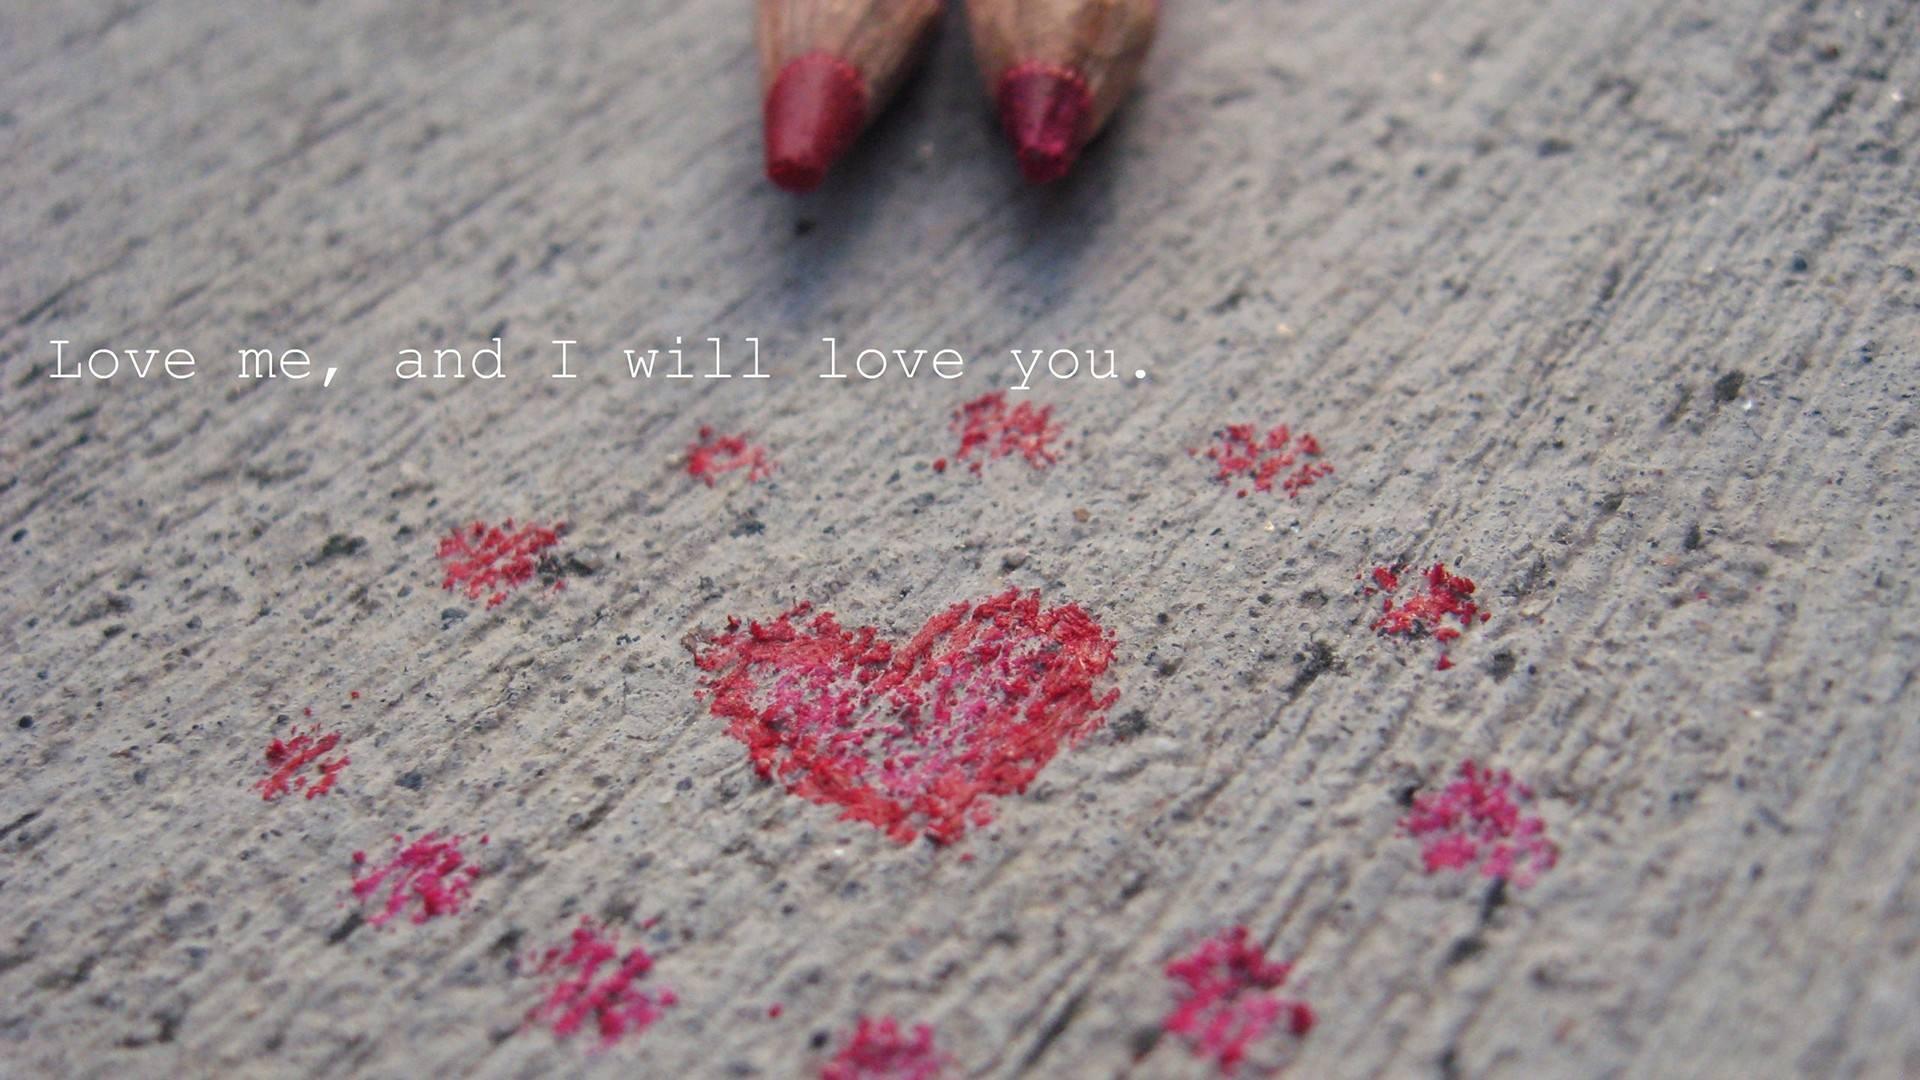 余生一起走的说说心情经典爱情语录:爱你一生不离不弃